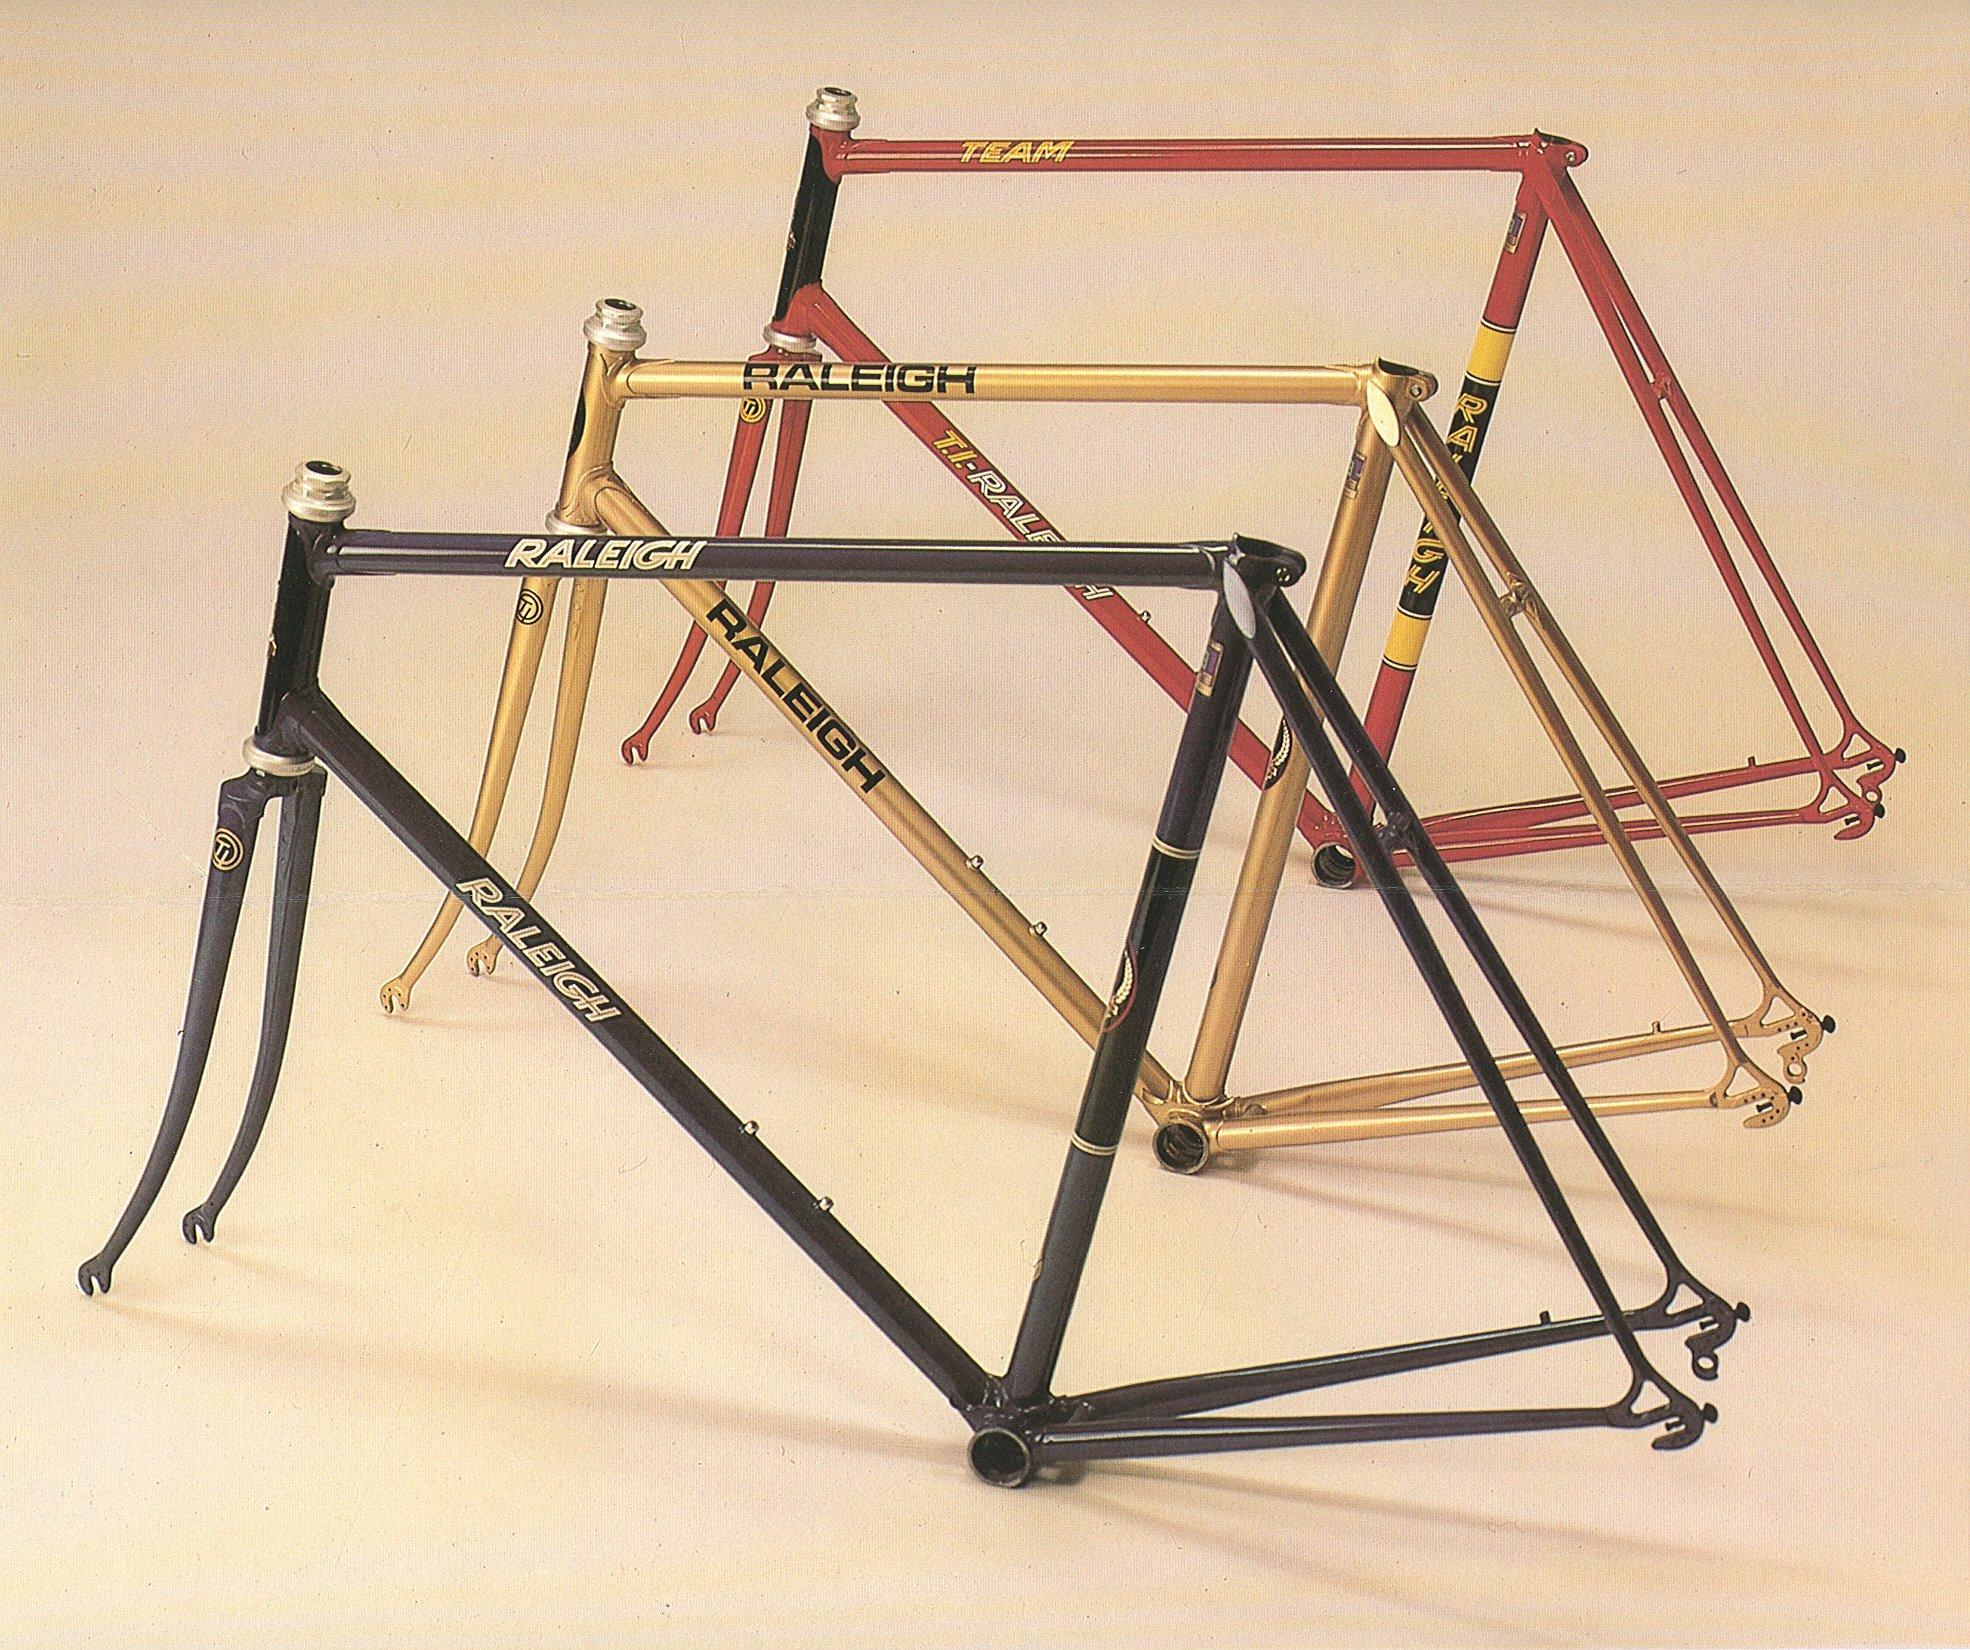 80er pro frames raleigh team